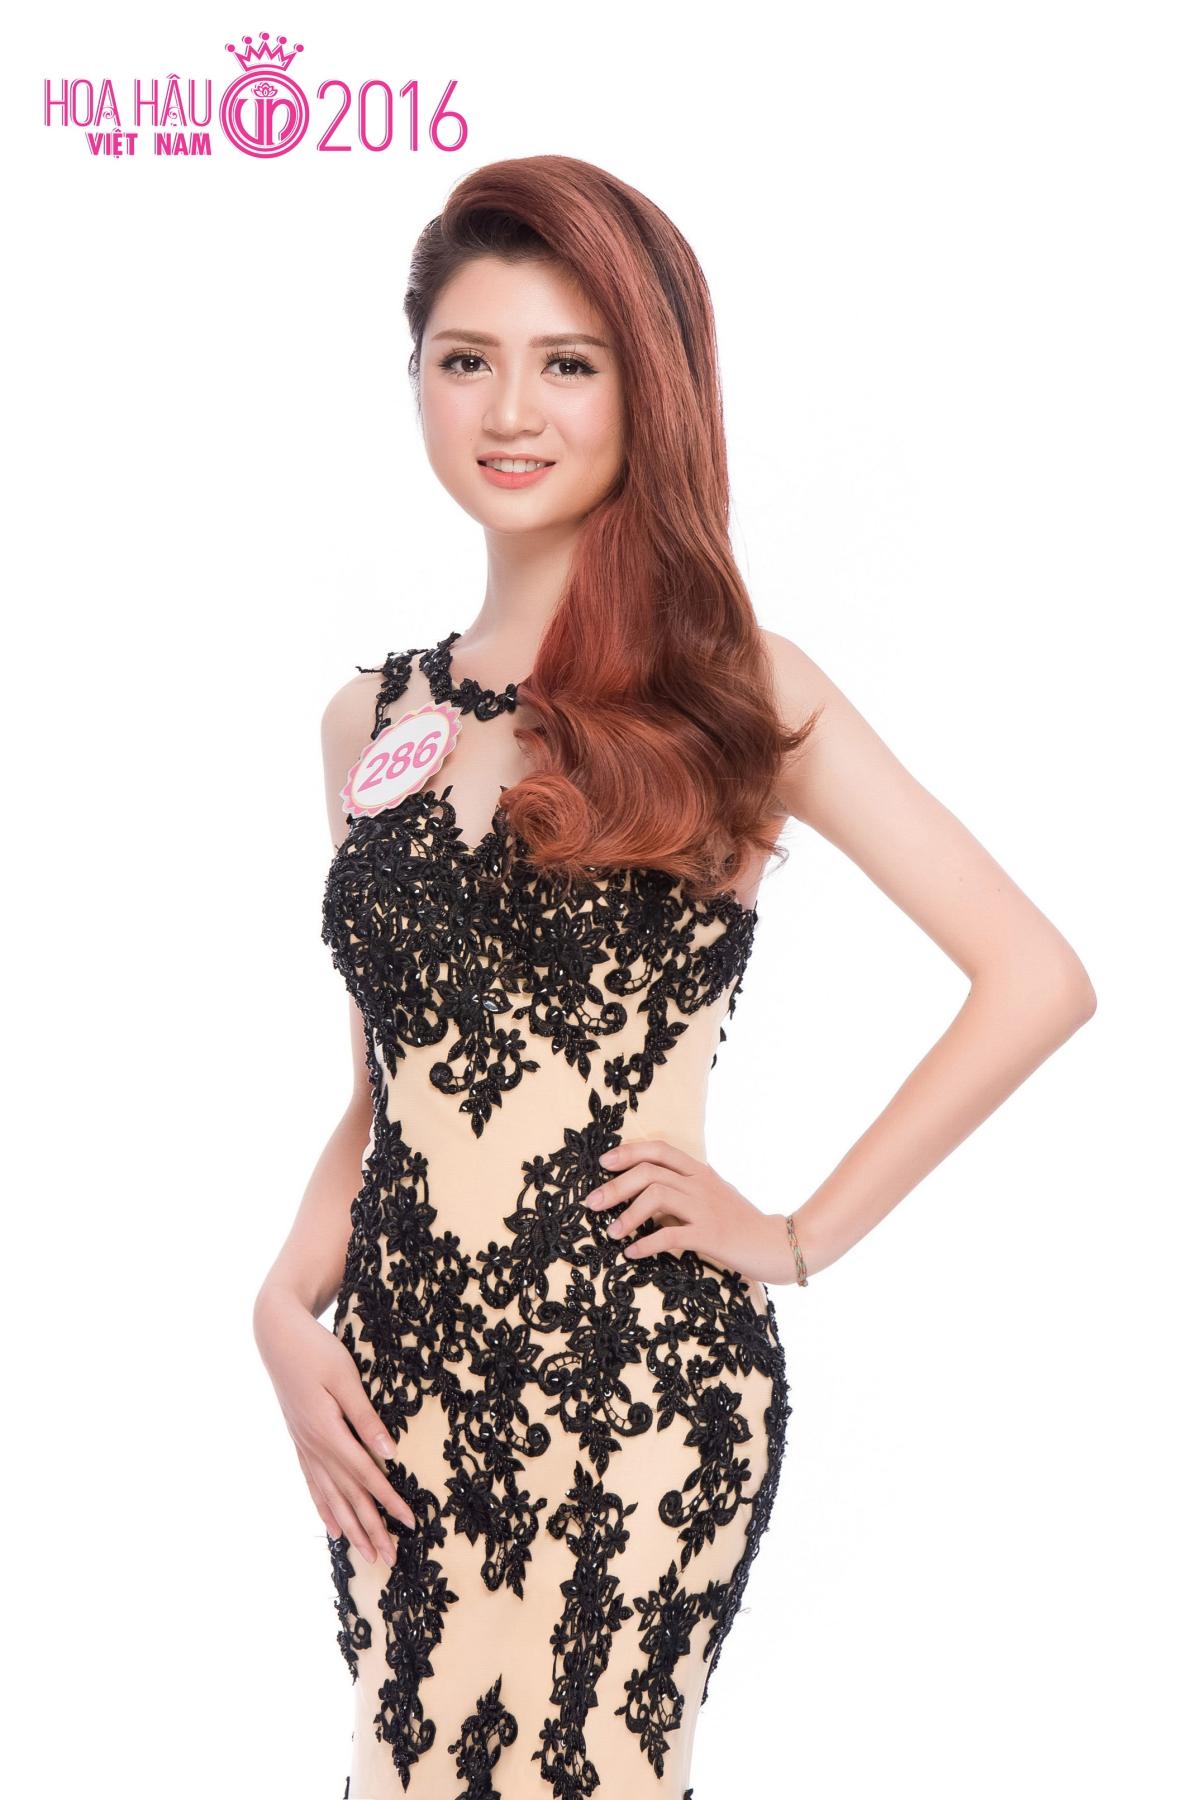 4 - Huyen Trang